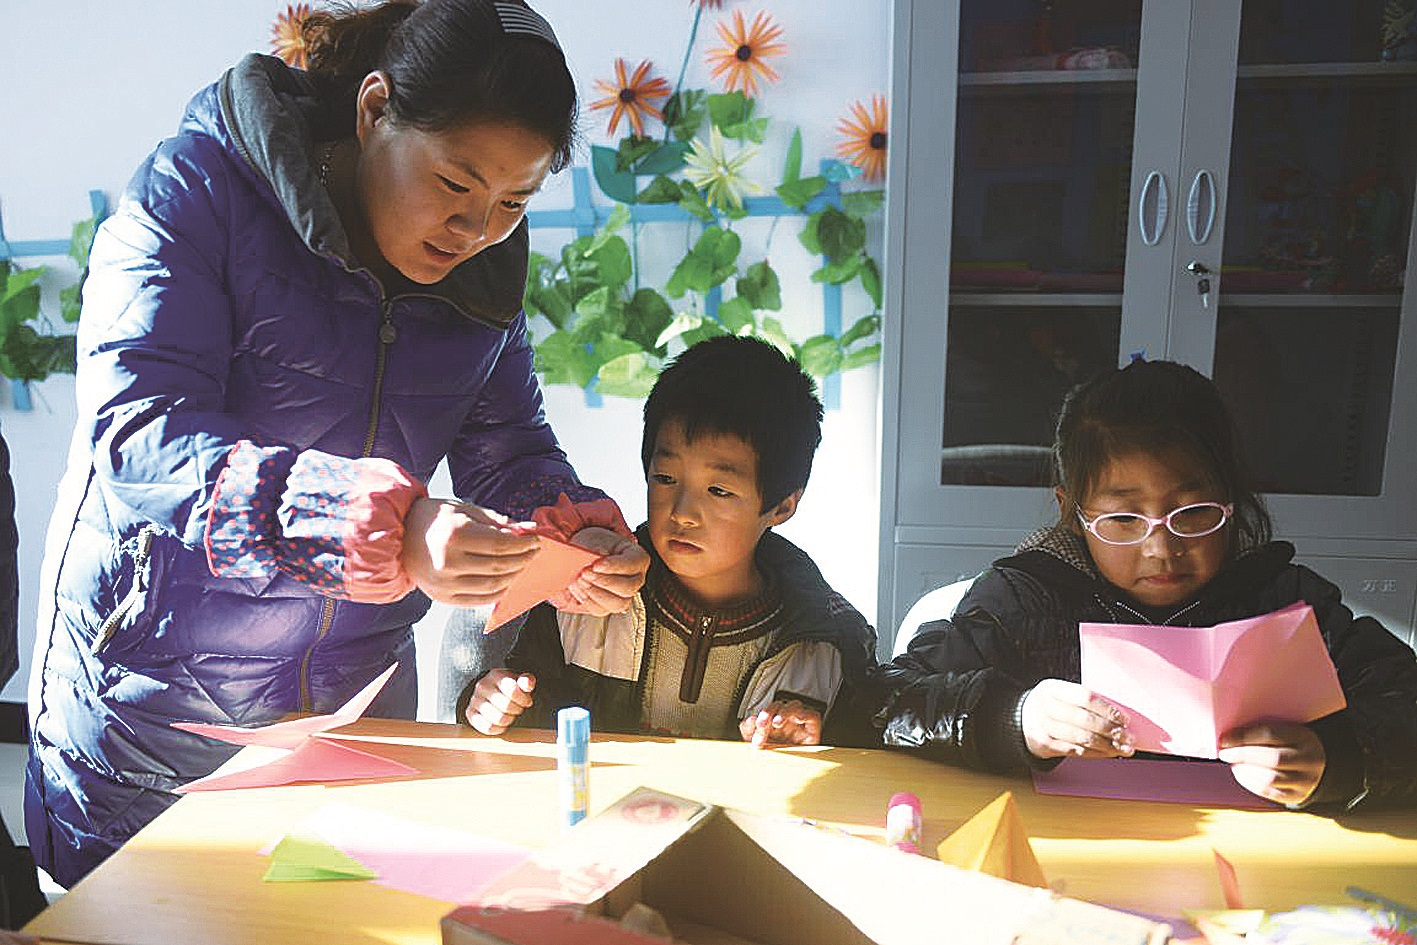 承德市打造乡村少年宫让农村娃快乐成长